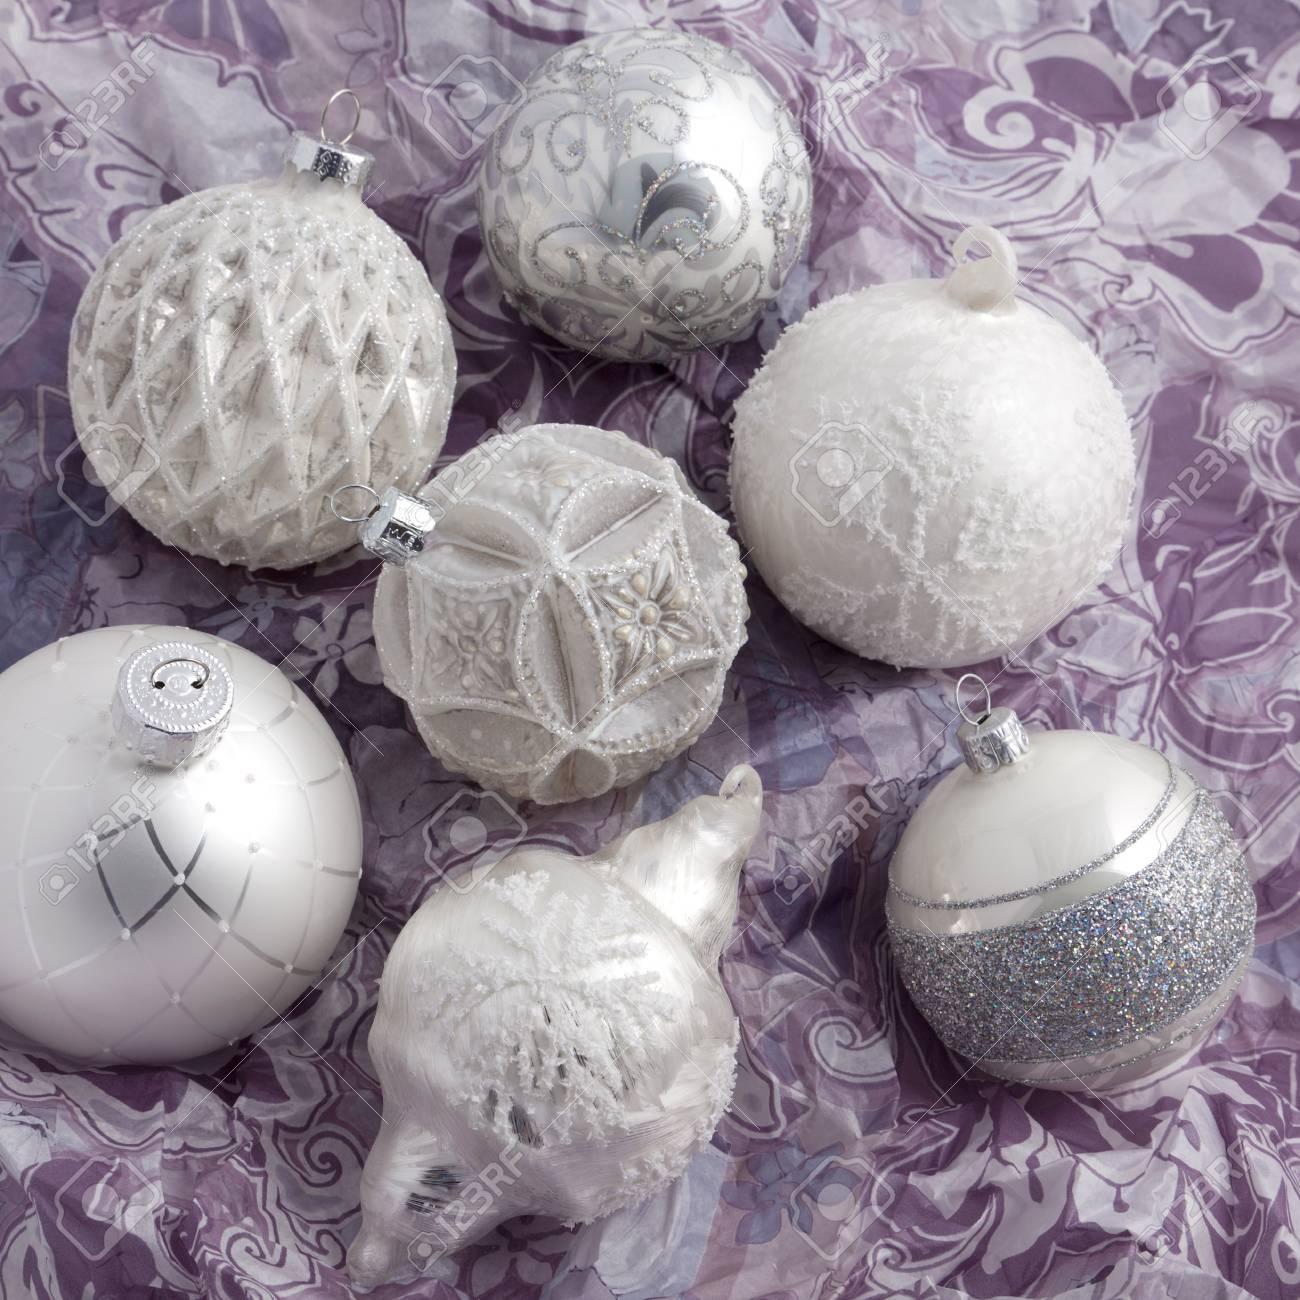 Weihnachtskugeln Weiß.Stock Photo